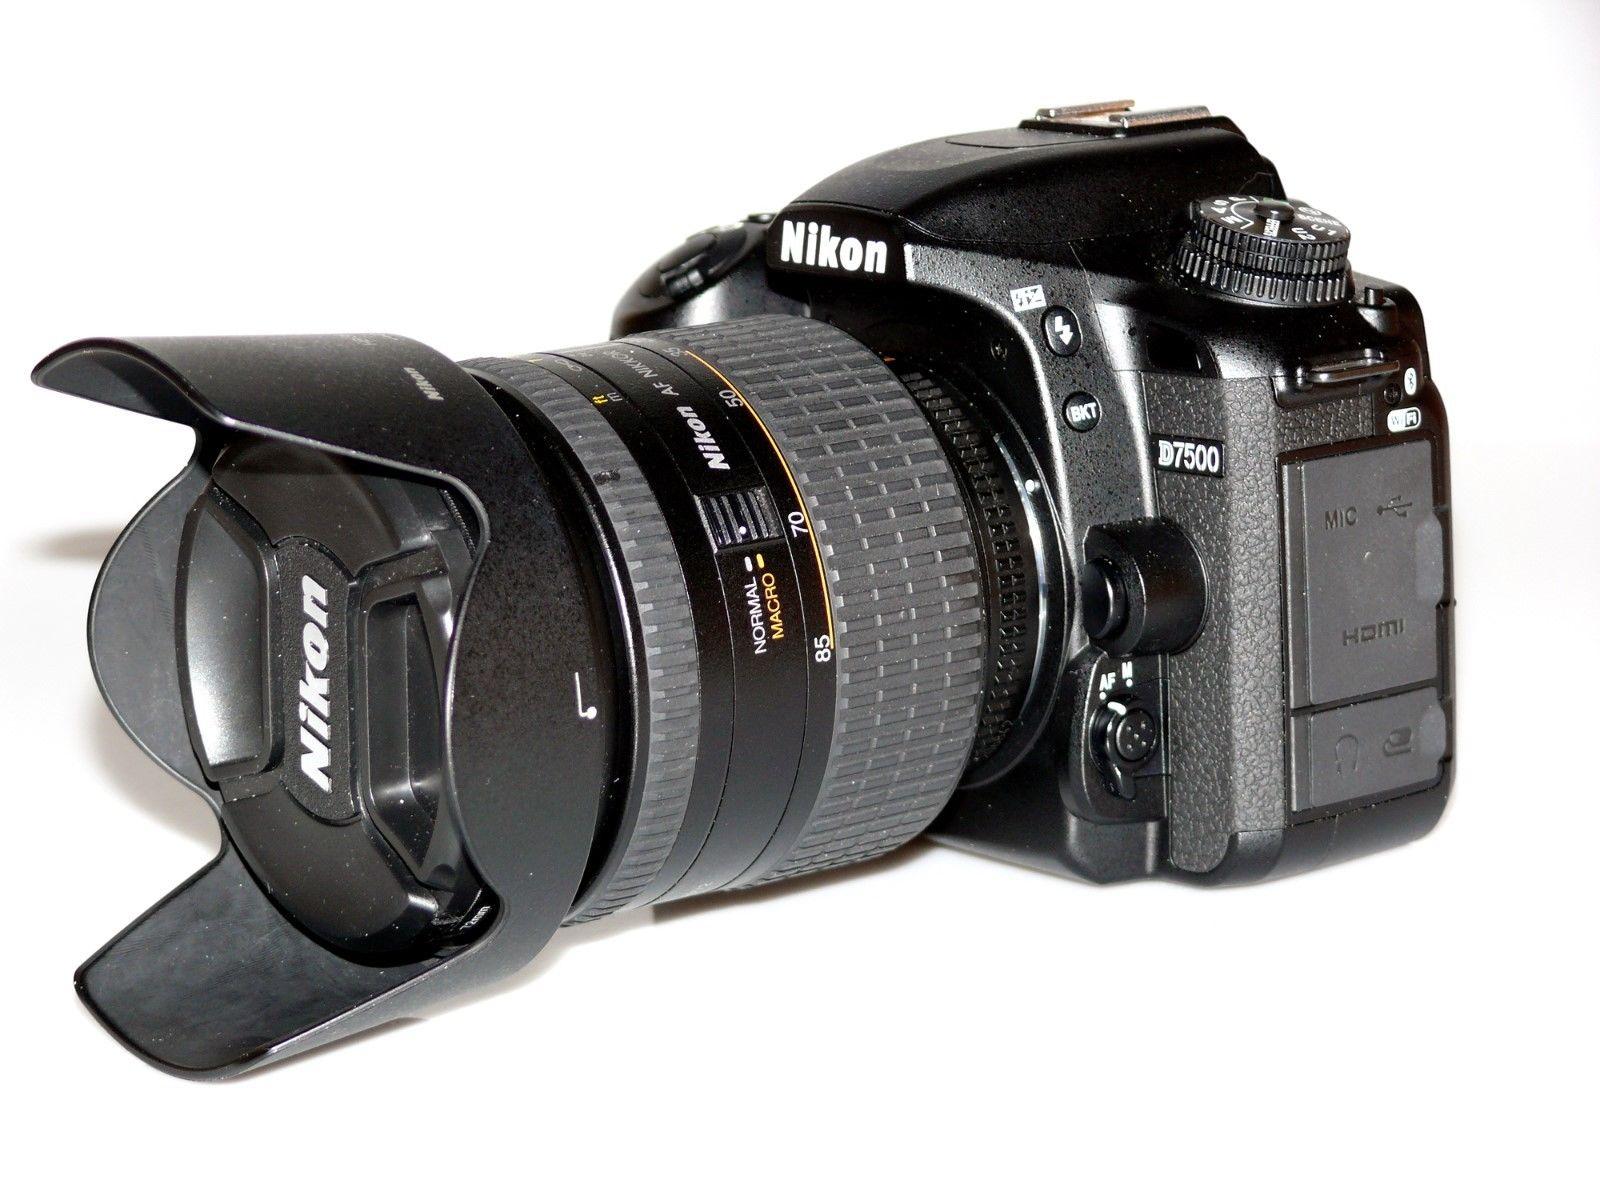 Nikon D7500 (DX-Format) mit Nikkor Micro AF 24-85mm 1:2,8-4 D